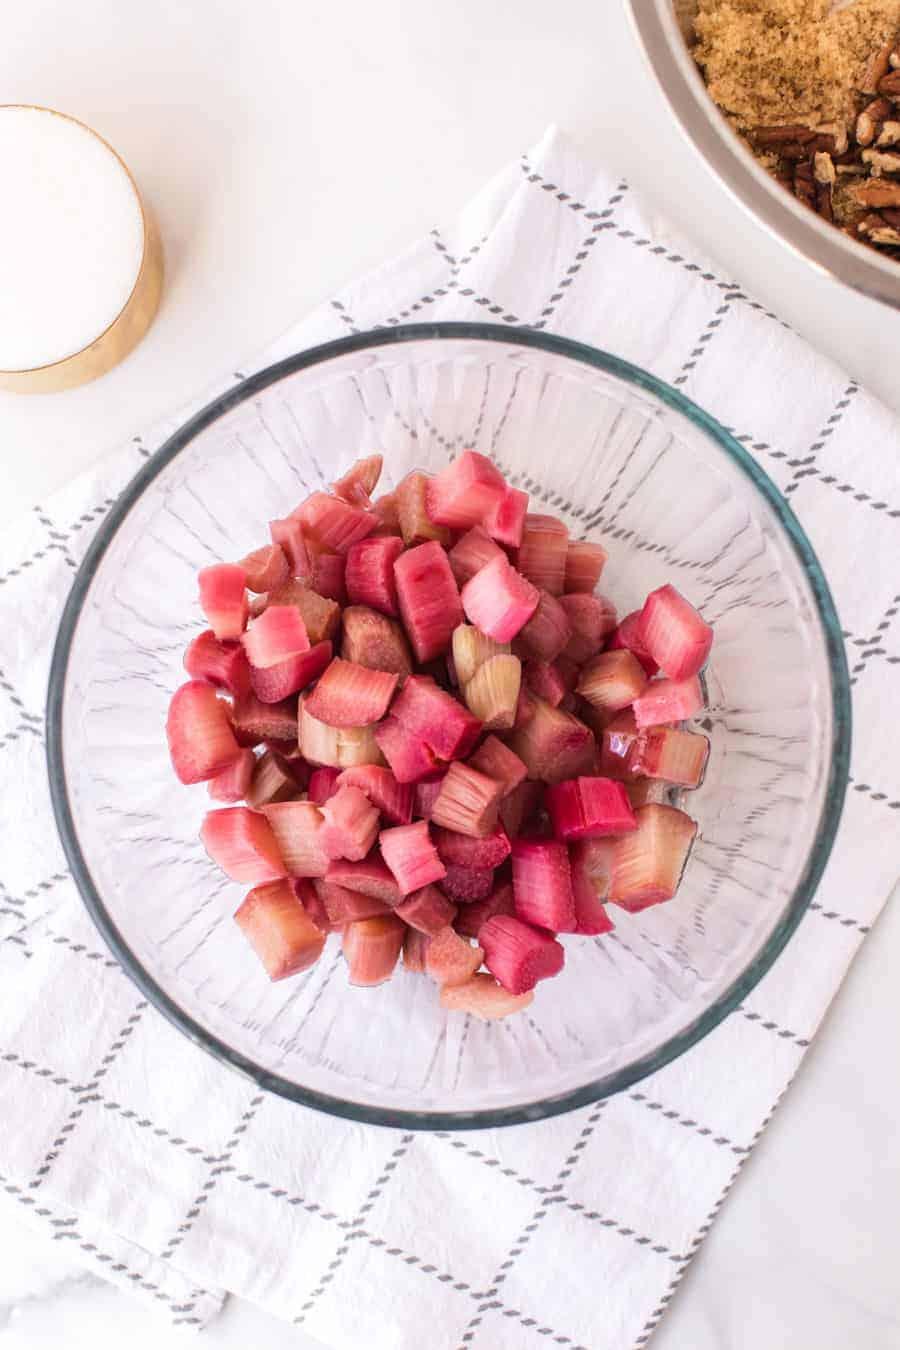 chopped rhubarb in clear glass bowl